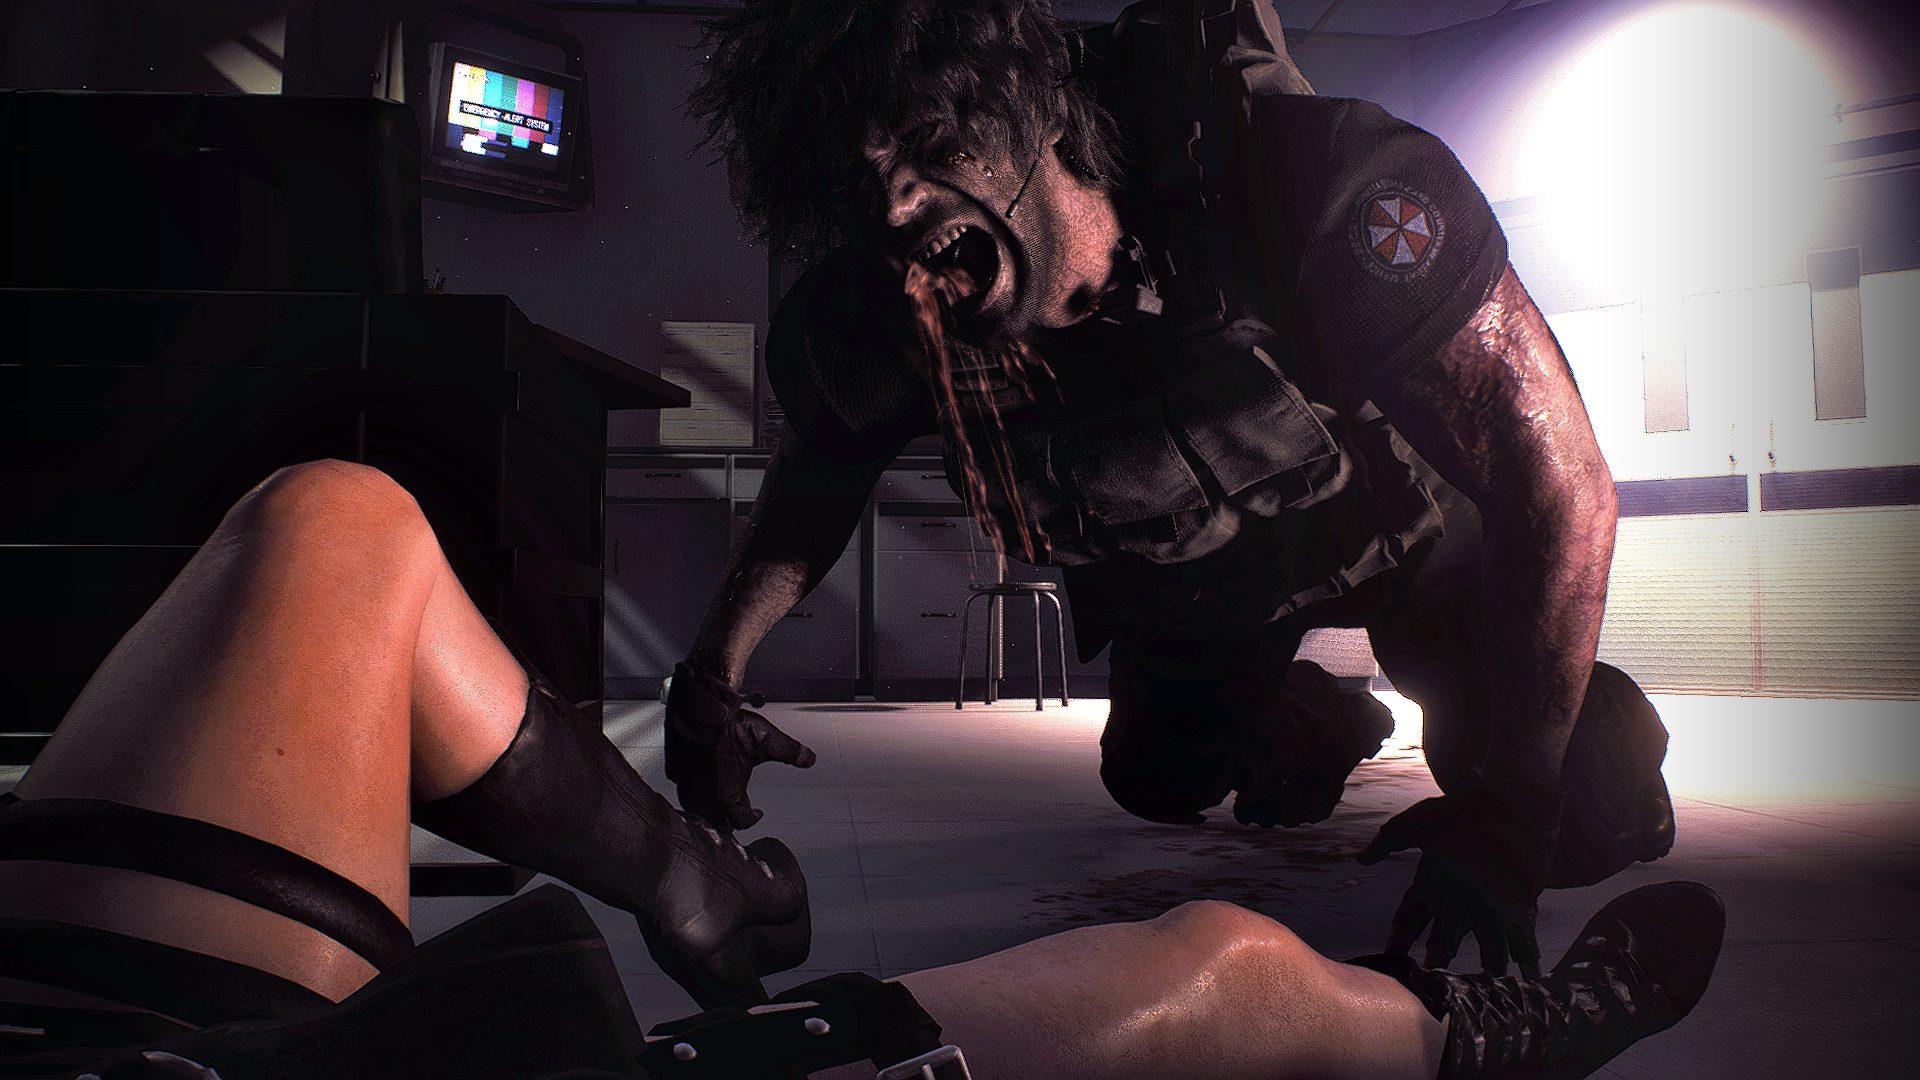 RESIDENT EVIL 3 30.11.2020 .jpg - Resident Evil 3: Nemesis